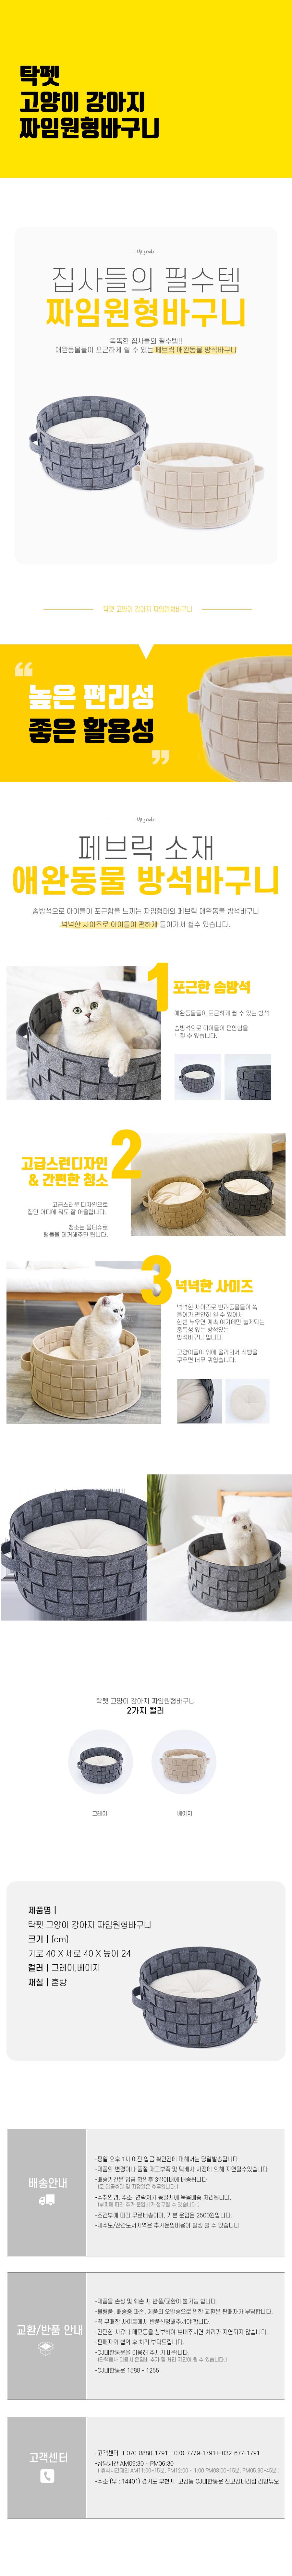 탁펫 고양이 강아지 짜임원형바구니 - 리빙듀오, 14,900원, 하우스/캣타워, 하우스